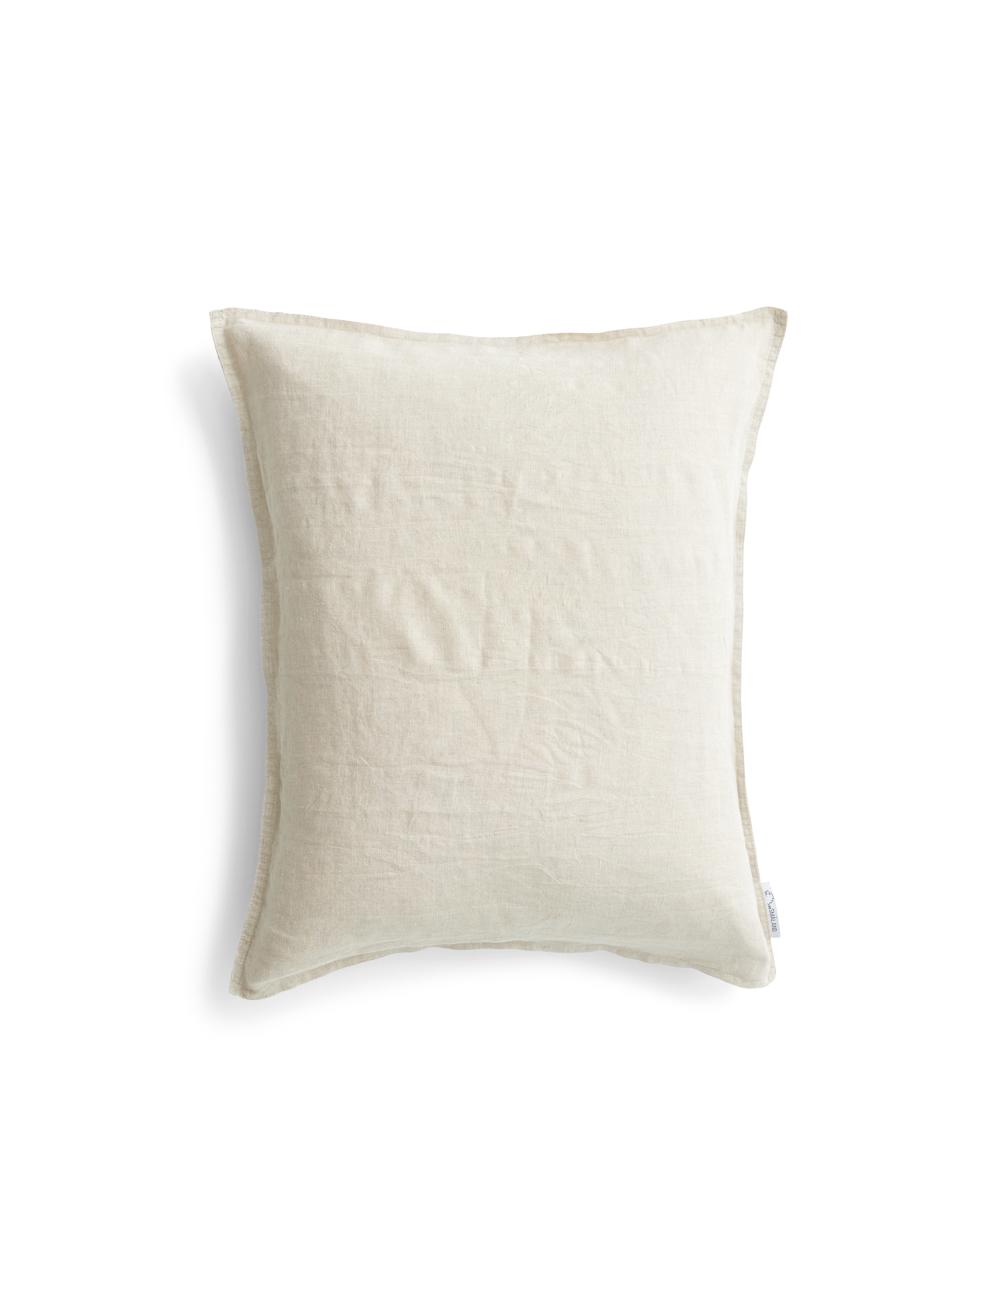 Pillowcase Linen Natural